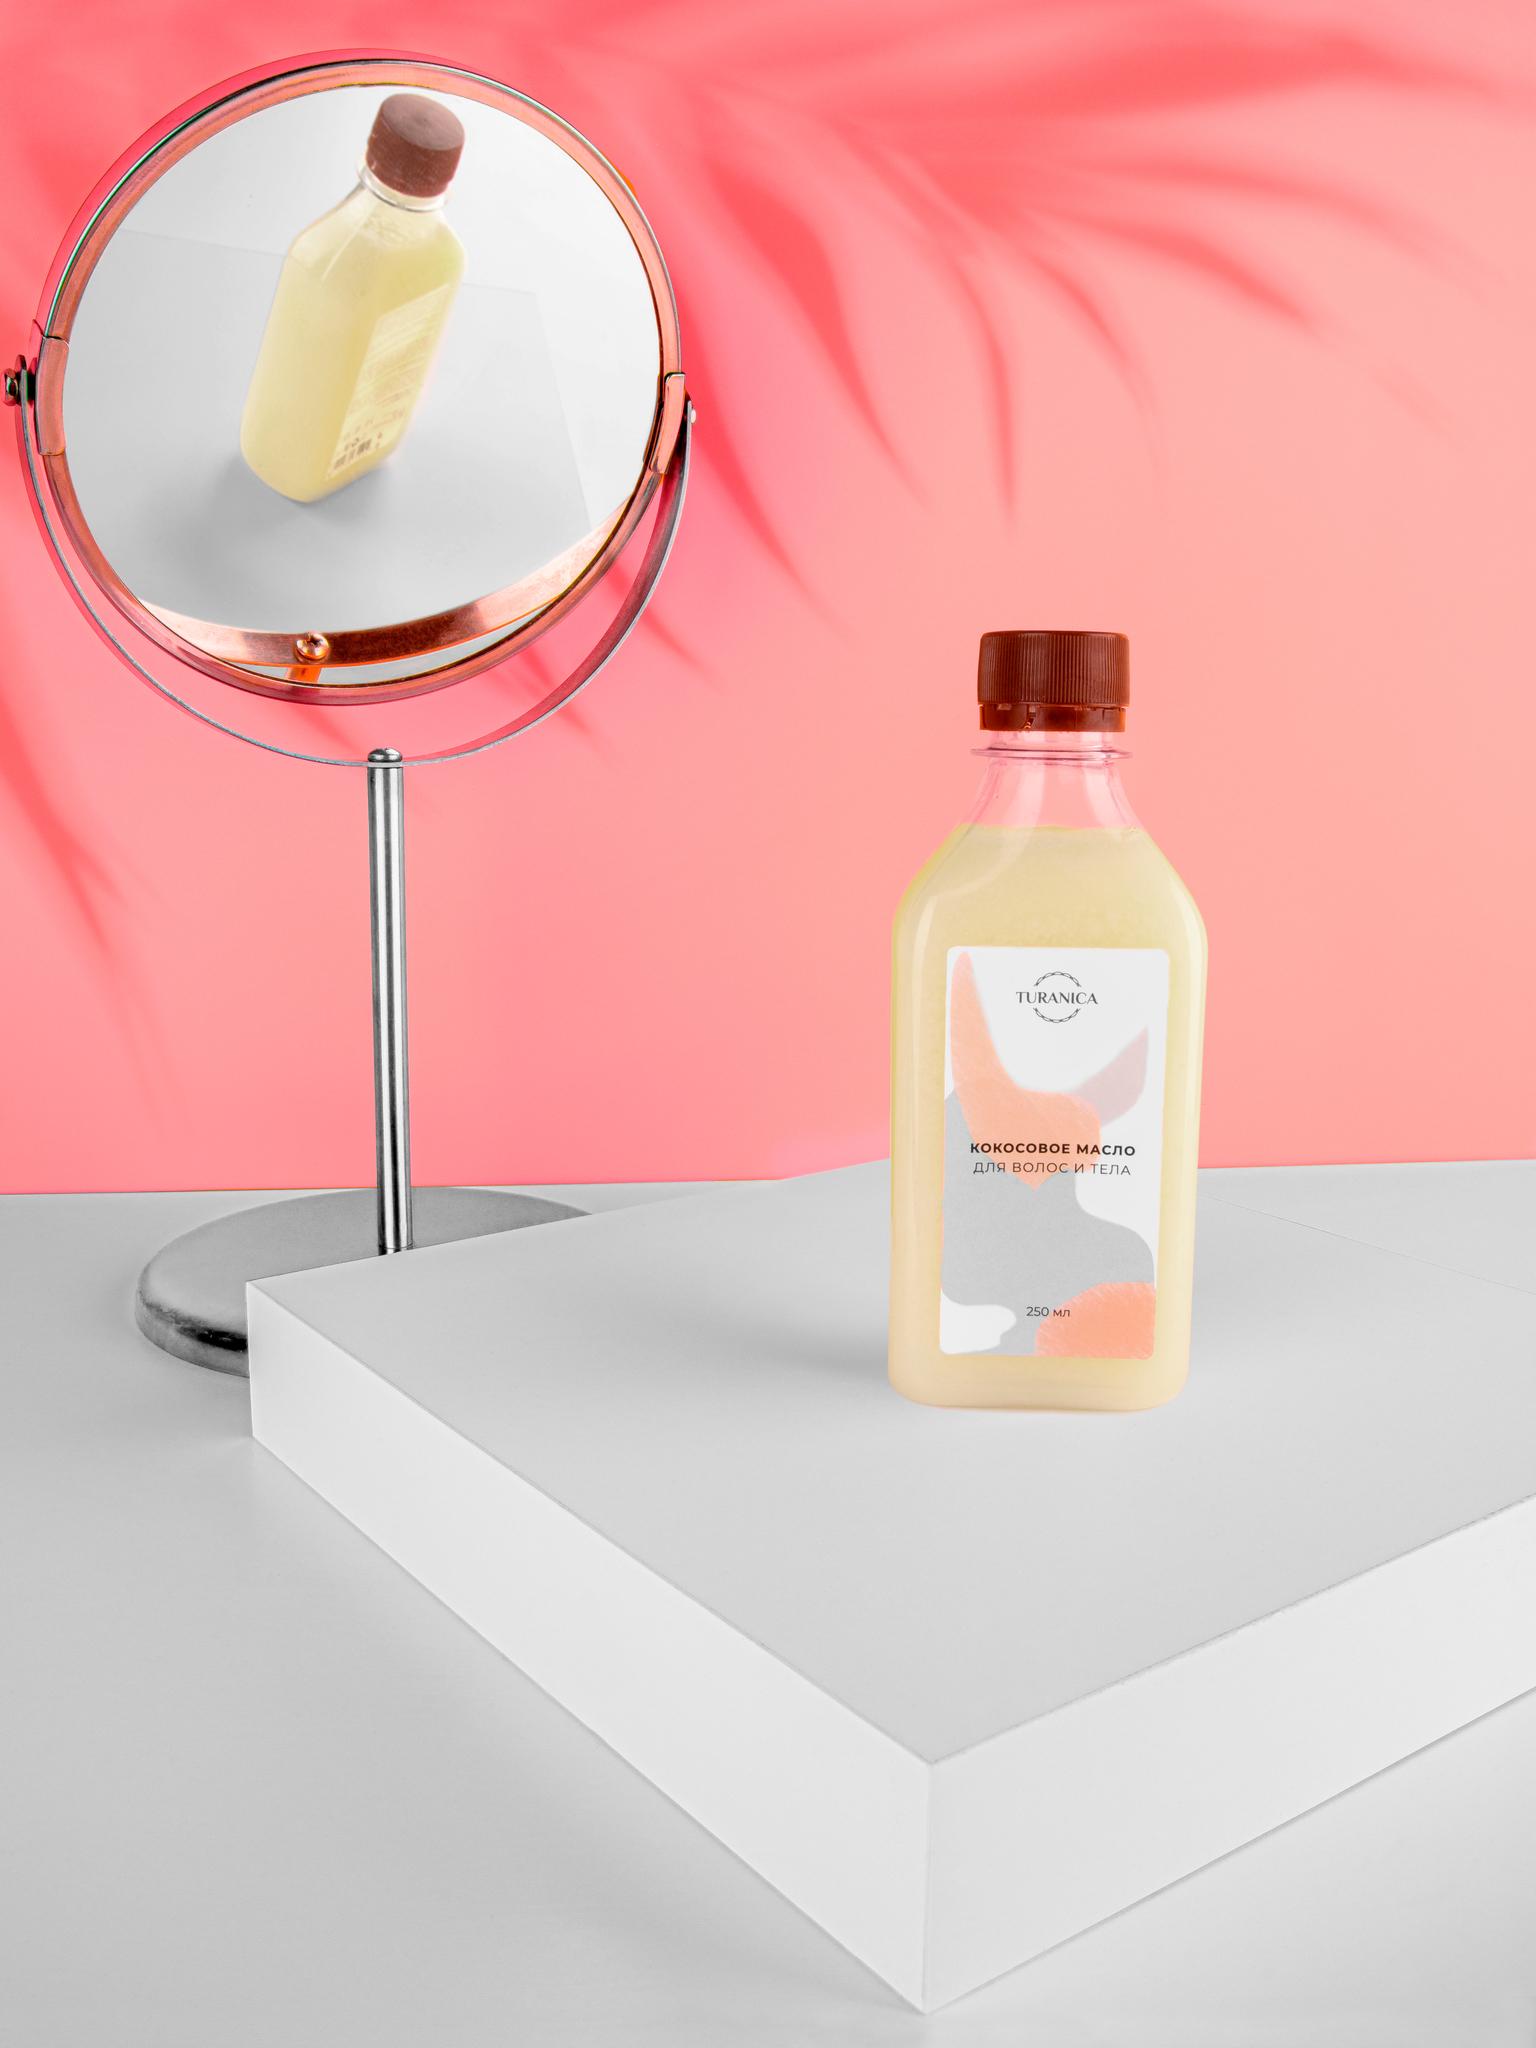 Кокосовое масло Turanica для волос и тела